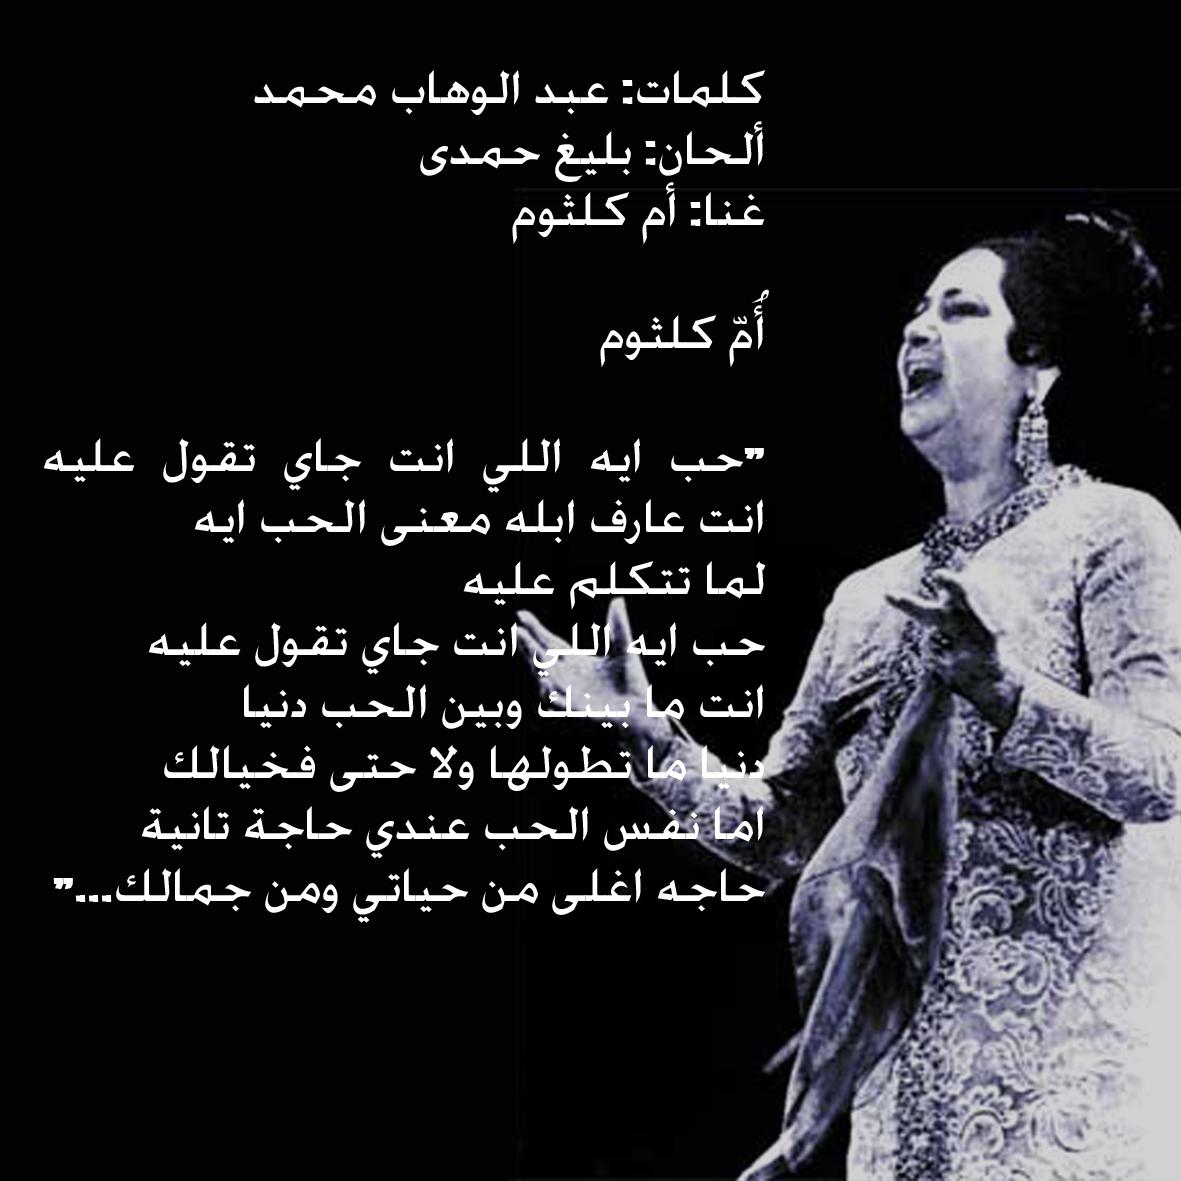 حب ايه اللي انت جاي تقول عليه كلمات اجمل اغاني ام كلثوم شوق وغزل